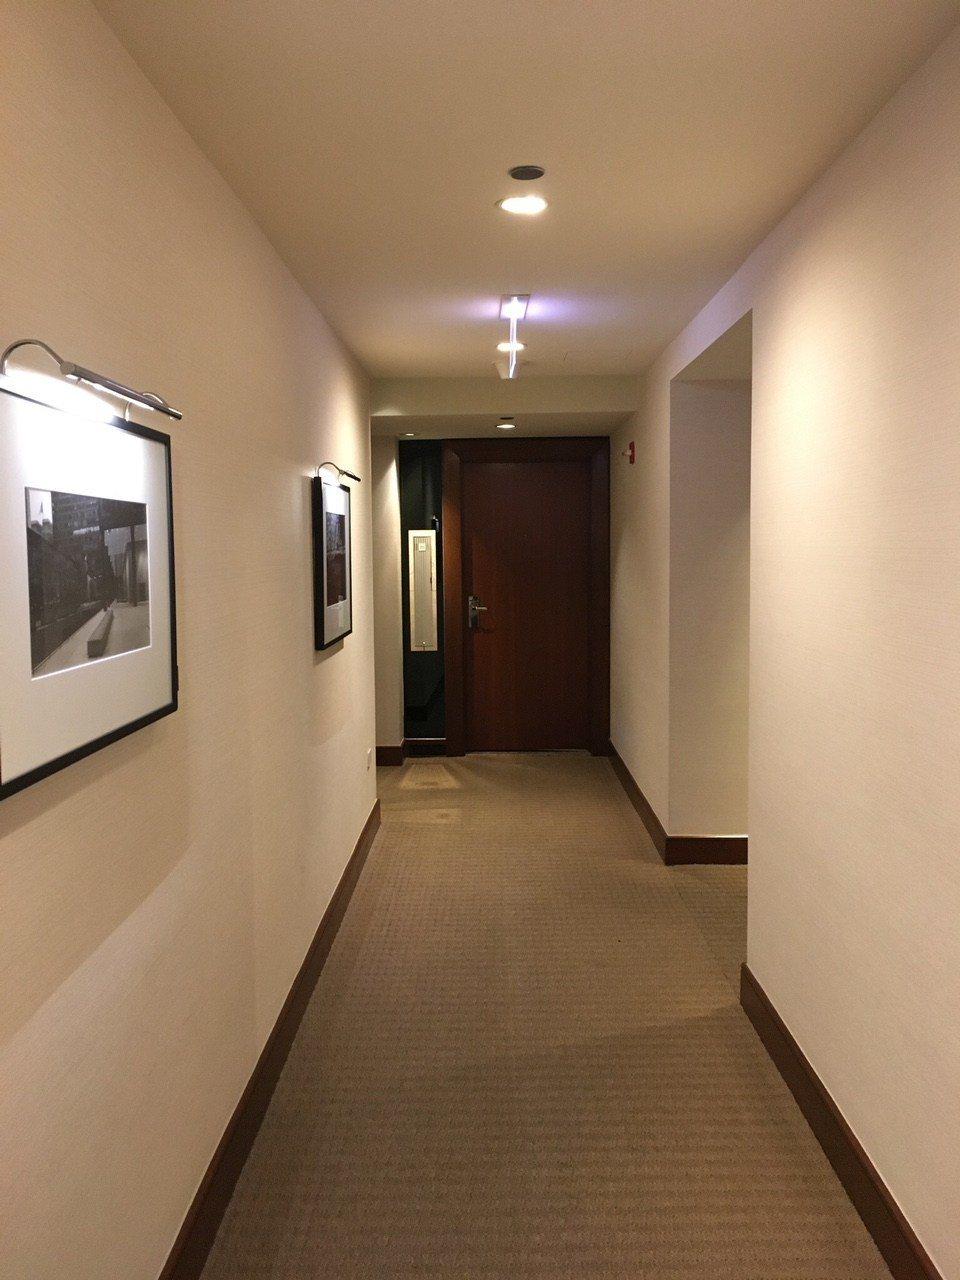 十樓客房走廊,選用的地毯、房門、牆壁色調簡單大方。圖文來自於:TripPlus